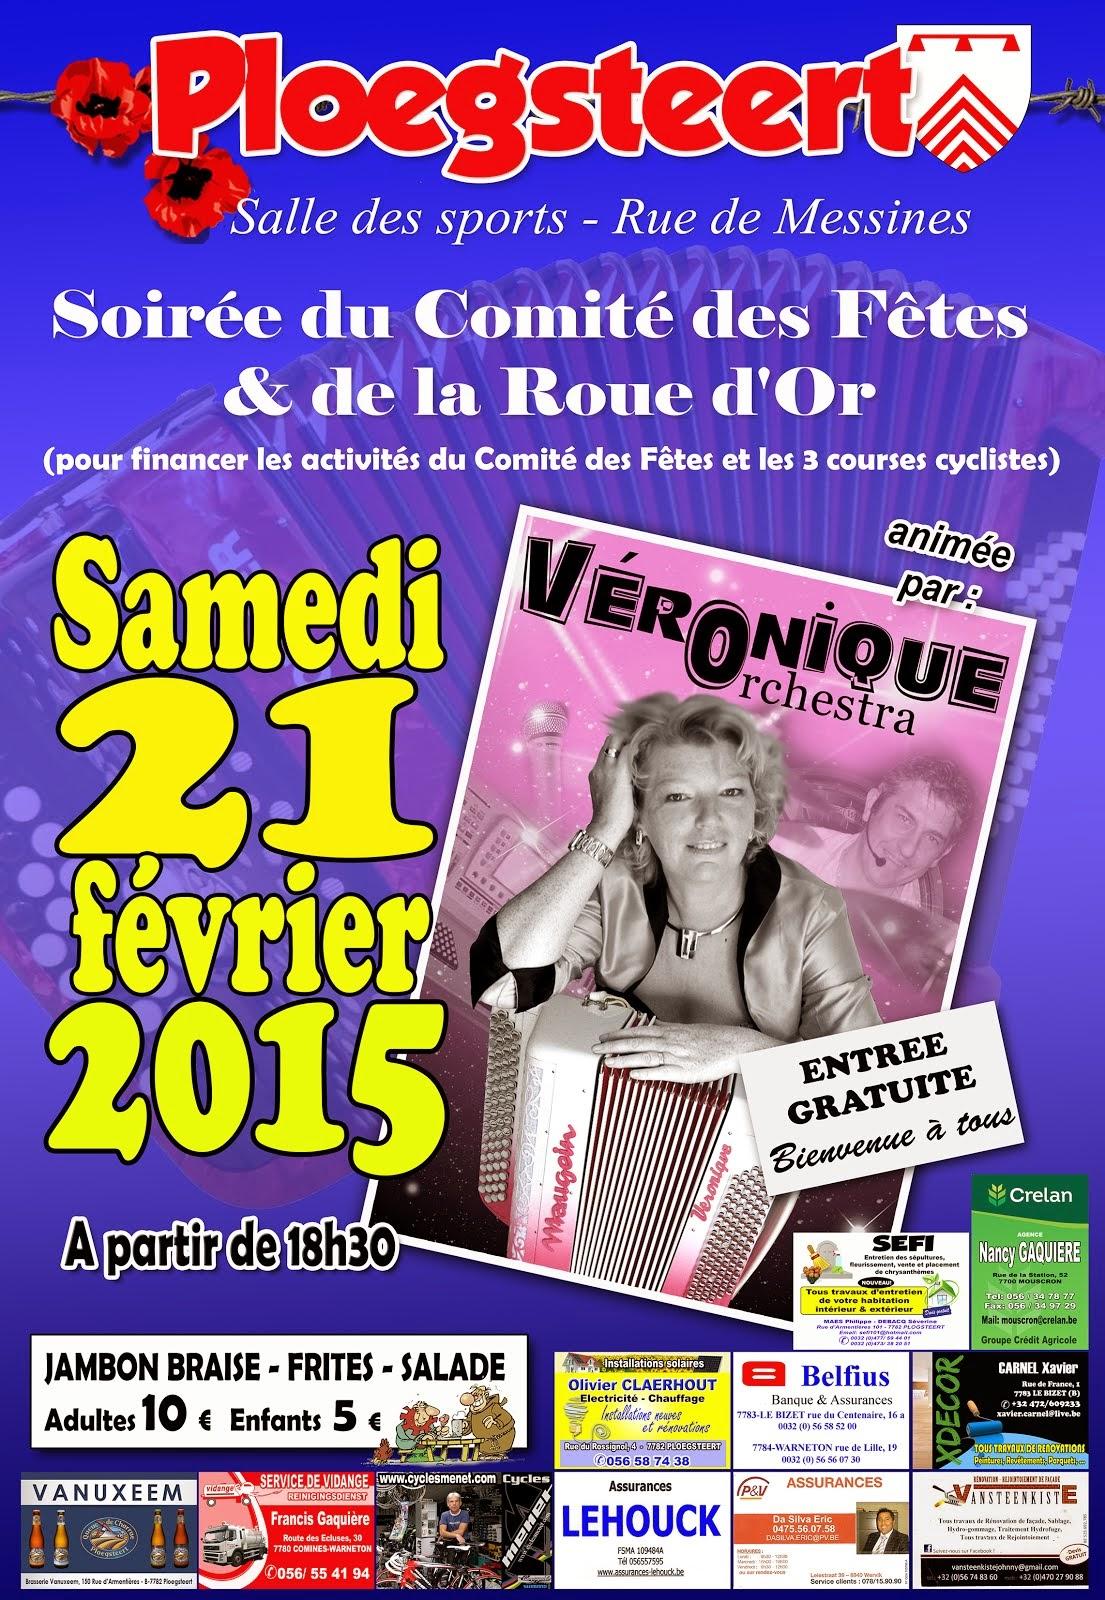 21 Février 2015 Soirée du Comité des Fêtes et de la Roue d'Or